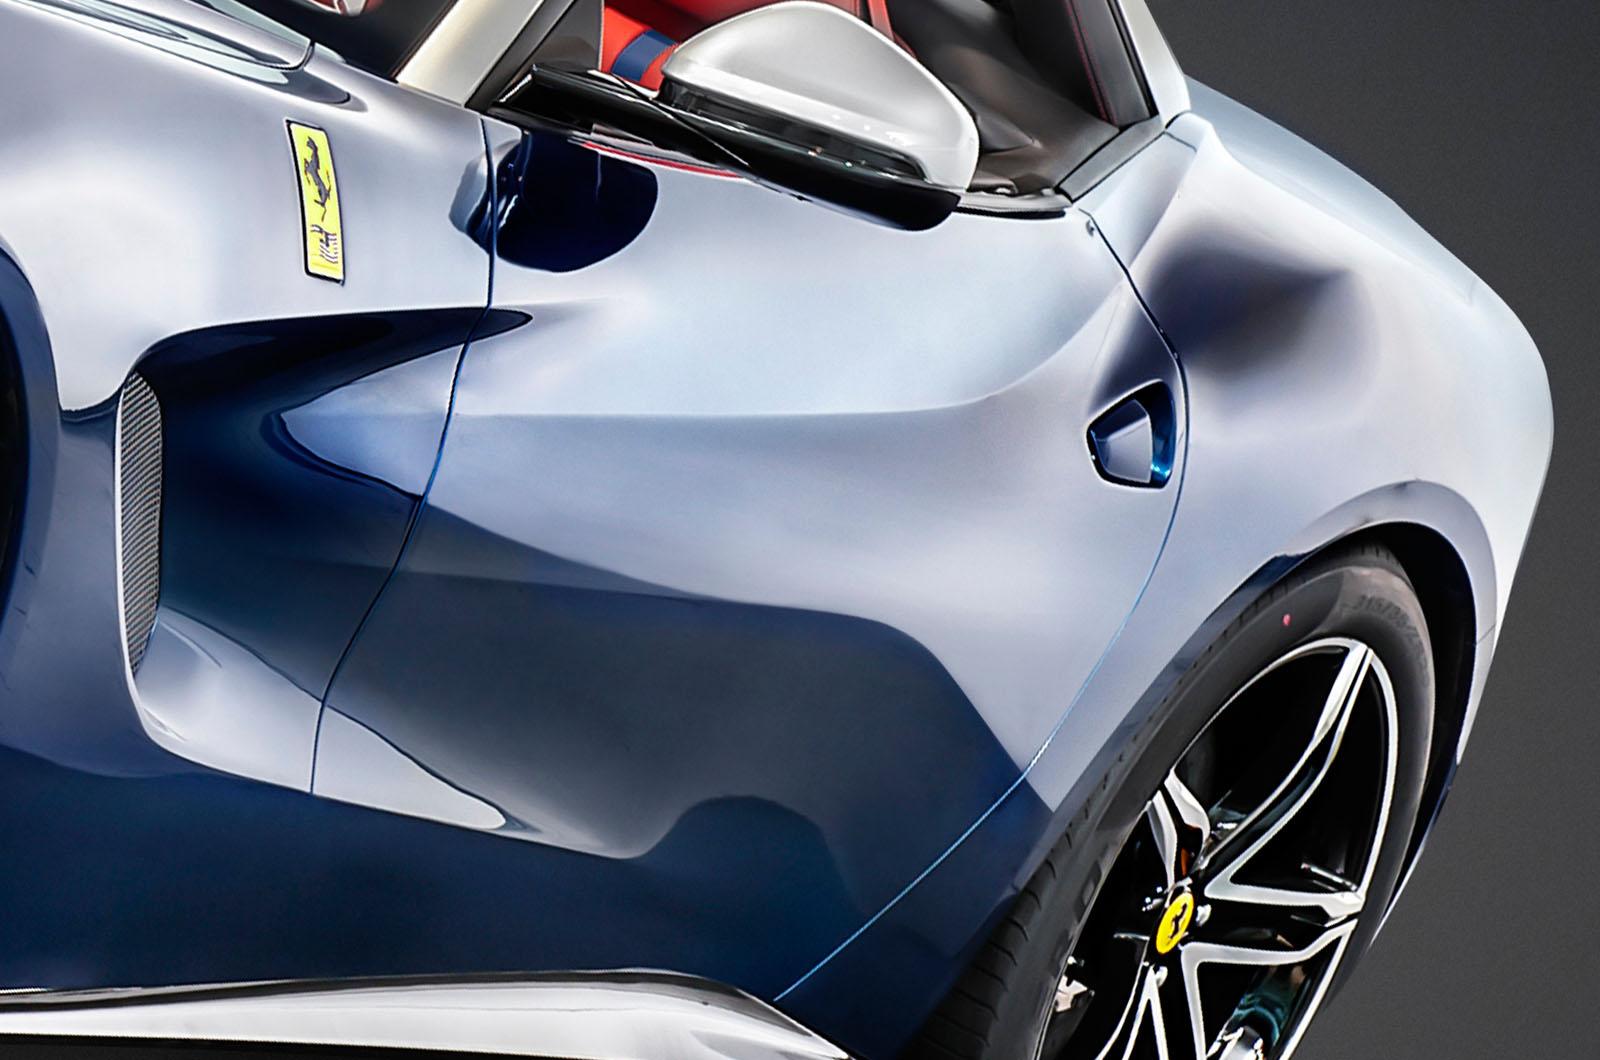 Siêu xe F60 America có nhiều chi tiết thiết kế độc đáo